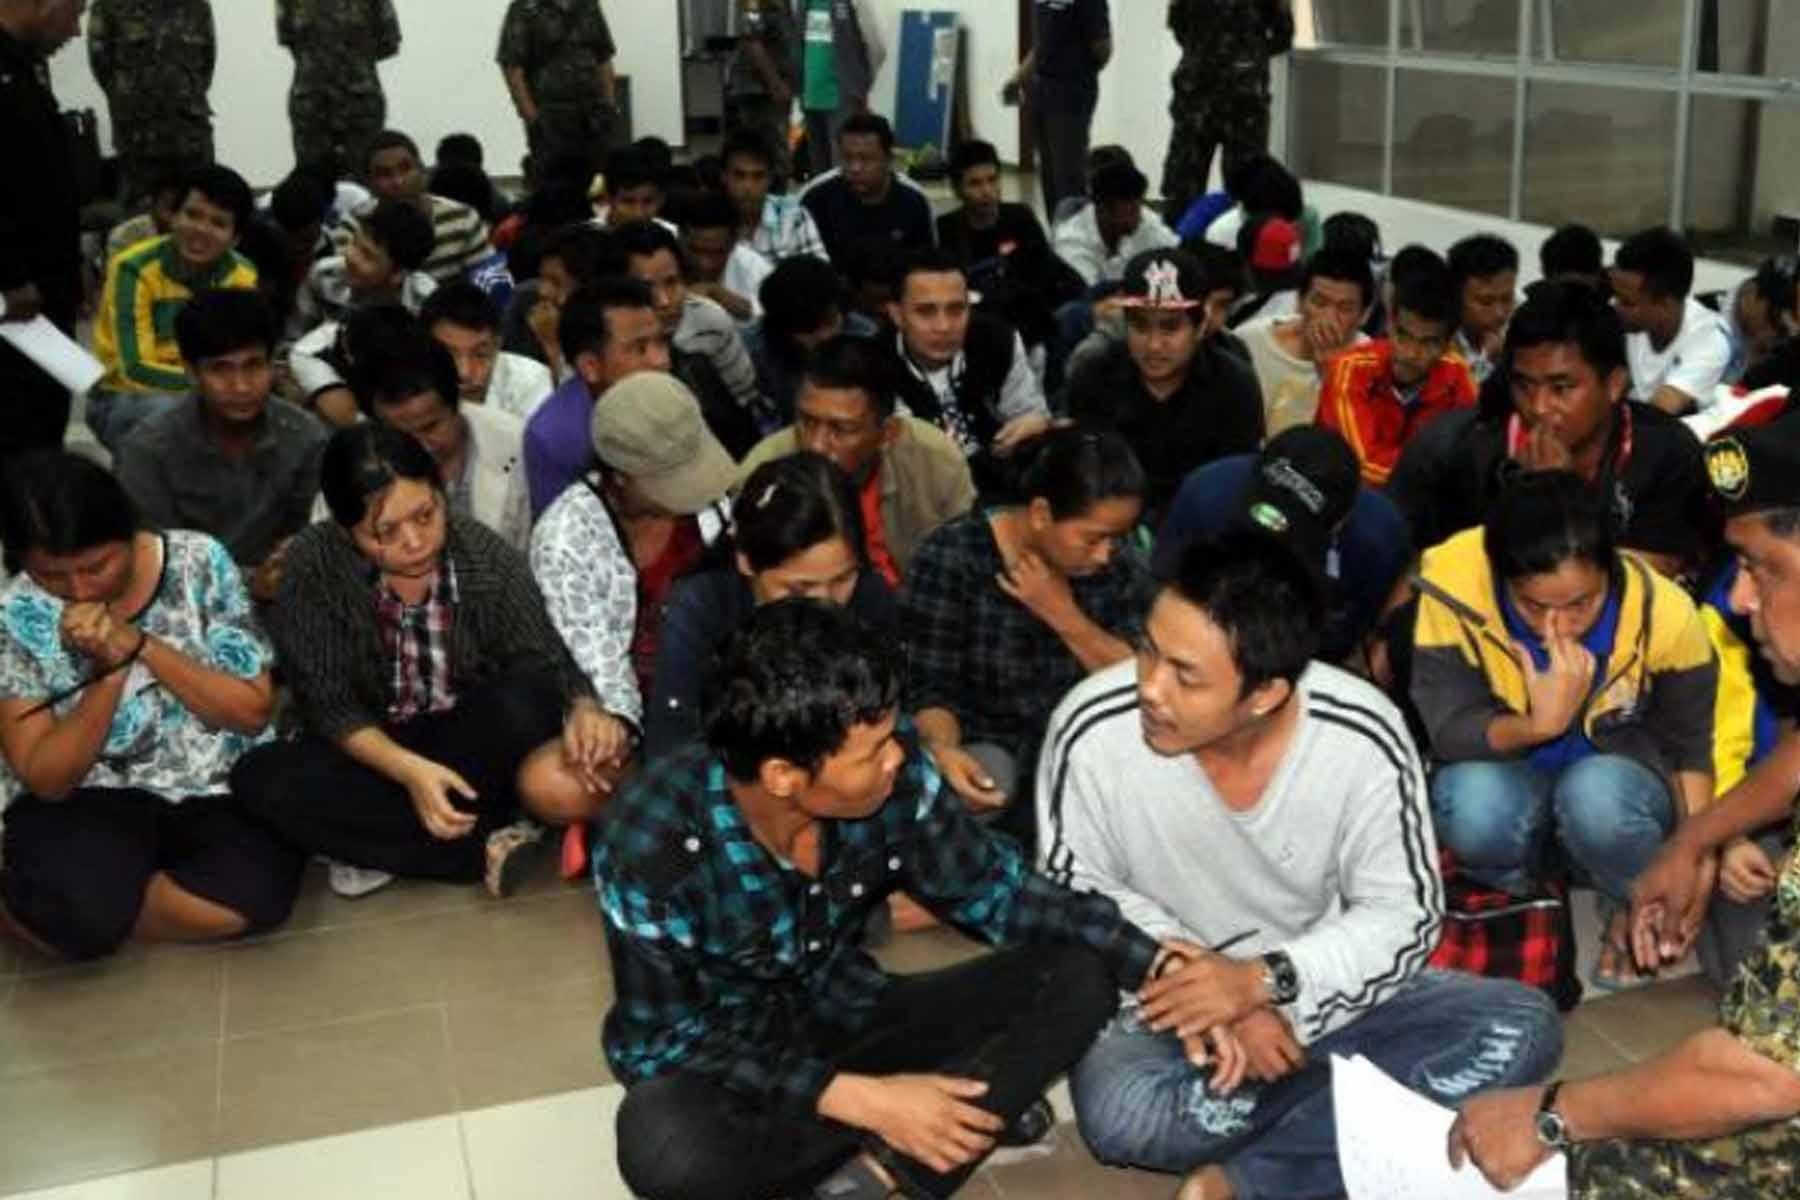 PH gesa tangguh dahulu hantar balik 1200 warga Myanmar ekoran rampasan kuasa